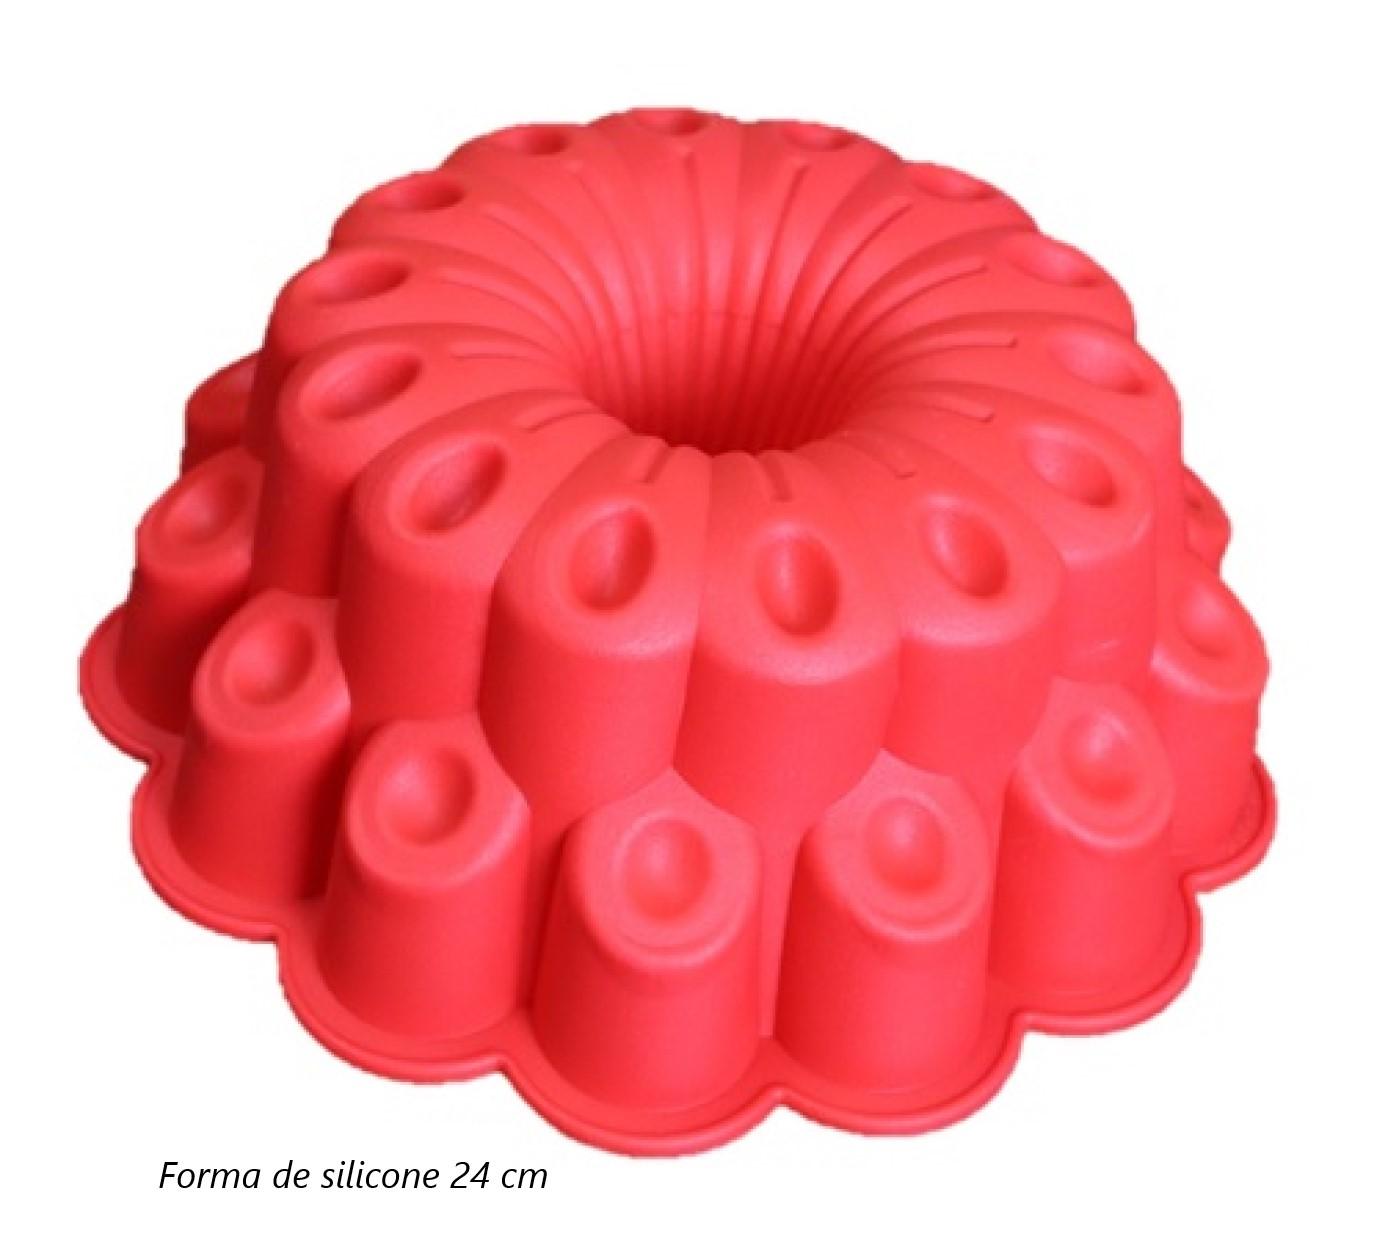 Forma de silicone bolo pudim assadeira antiaderente 24 cm grande